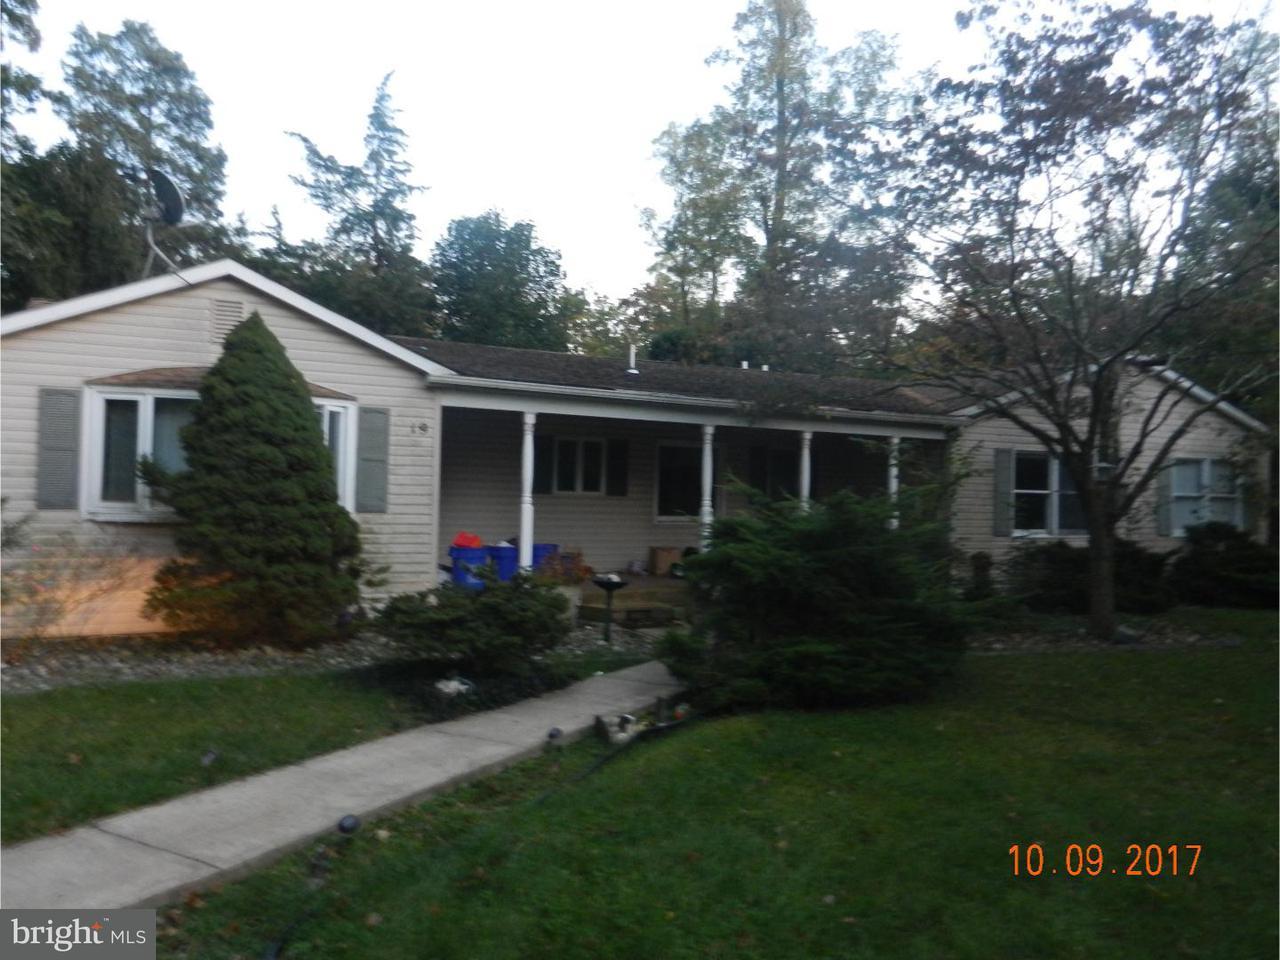 Частный односемейный дом для того Продажа на 19 HONEYMAN Street Somerset, Нью-Джерси 08540 Соединенные ШтатыВ/Около: Franklin Twp